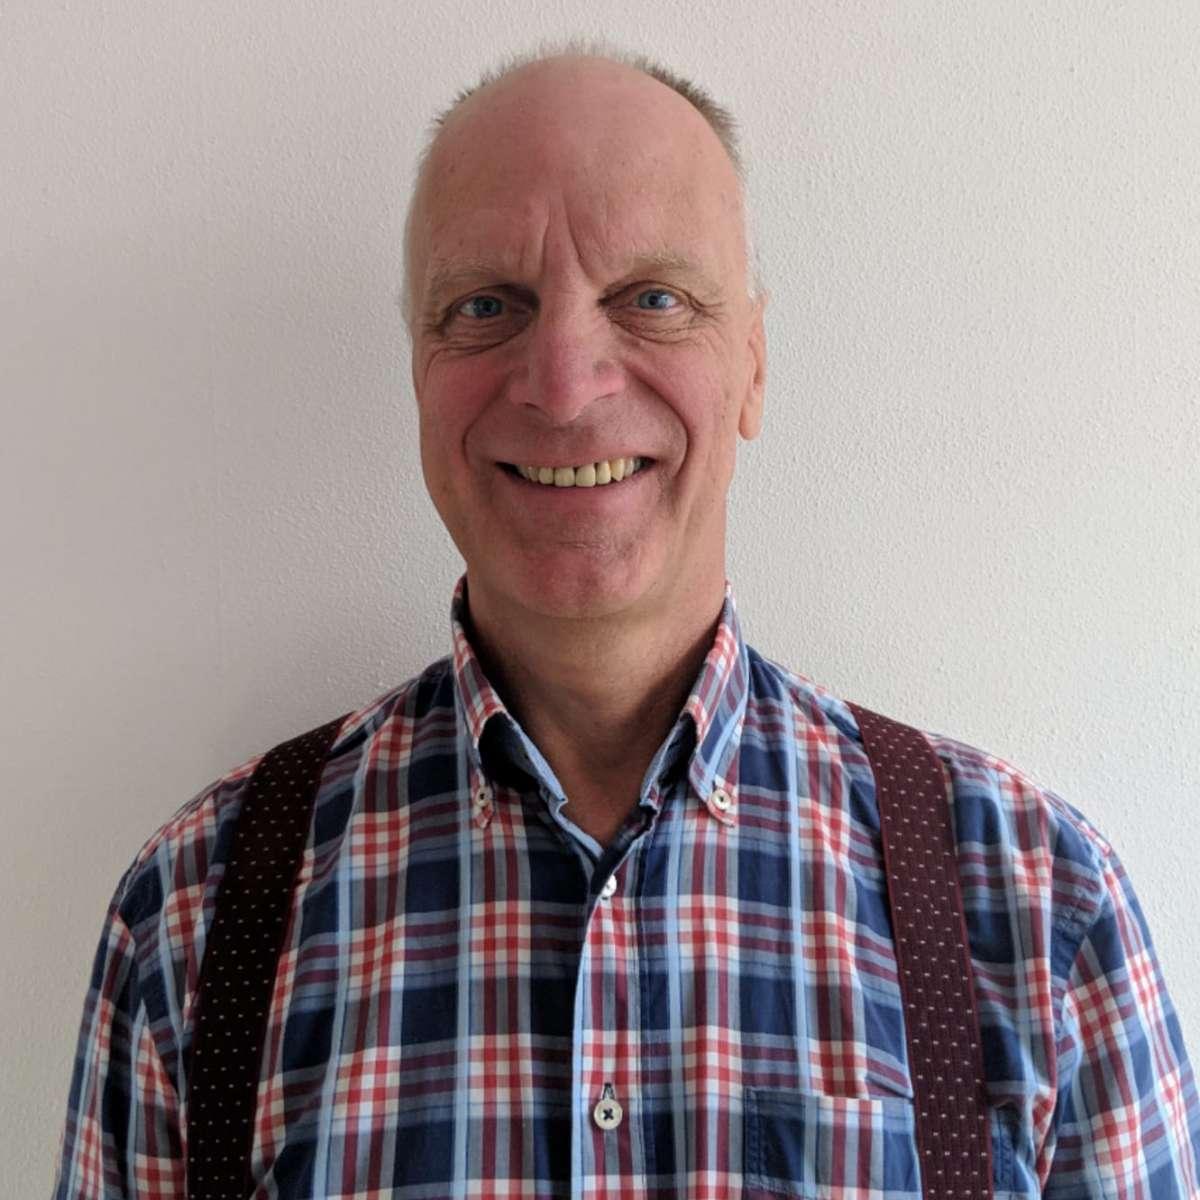 Willem Bakker